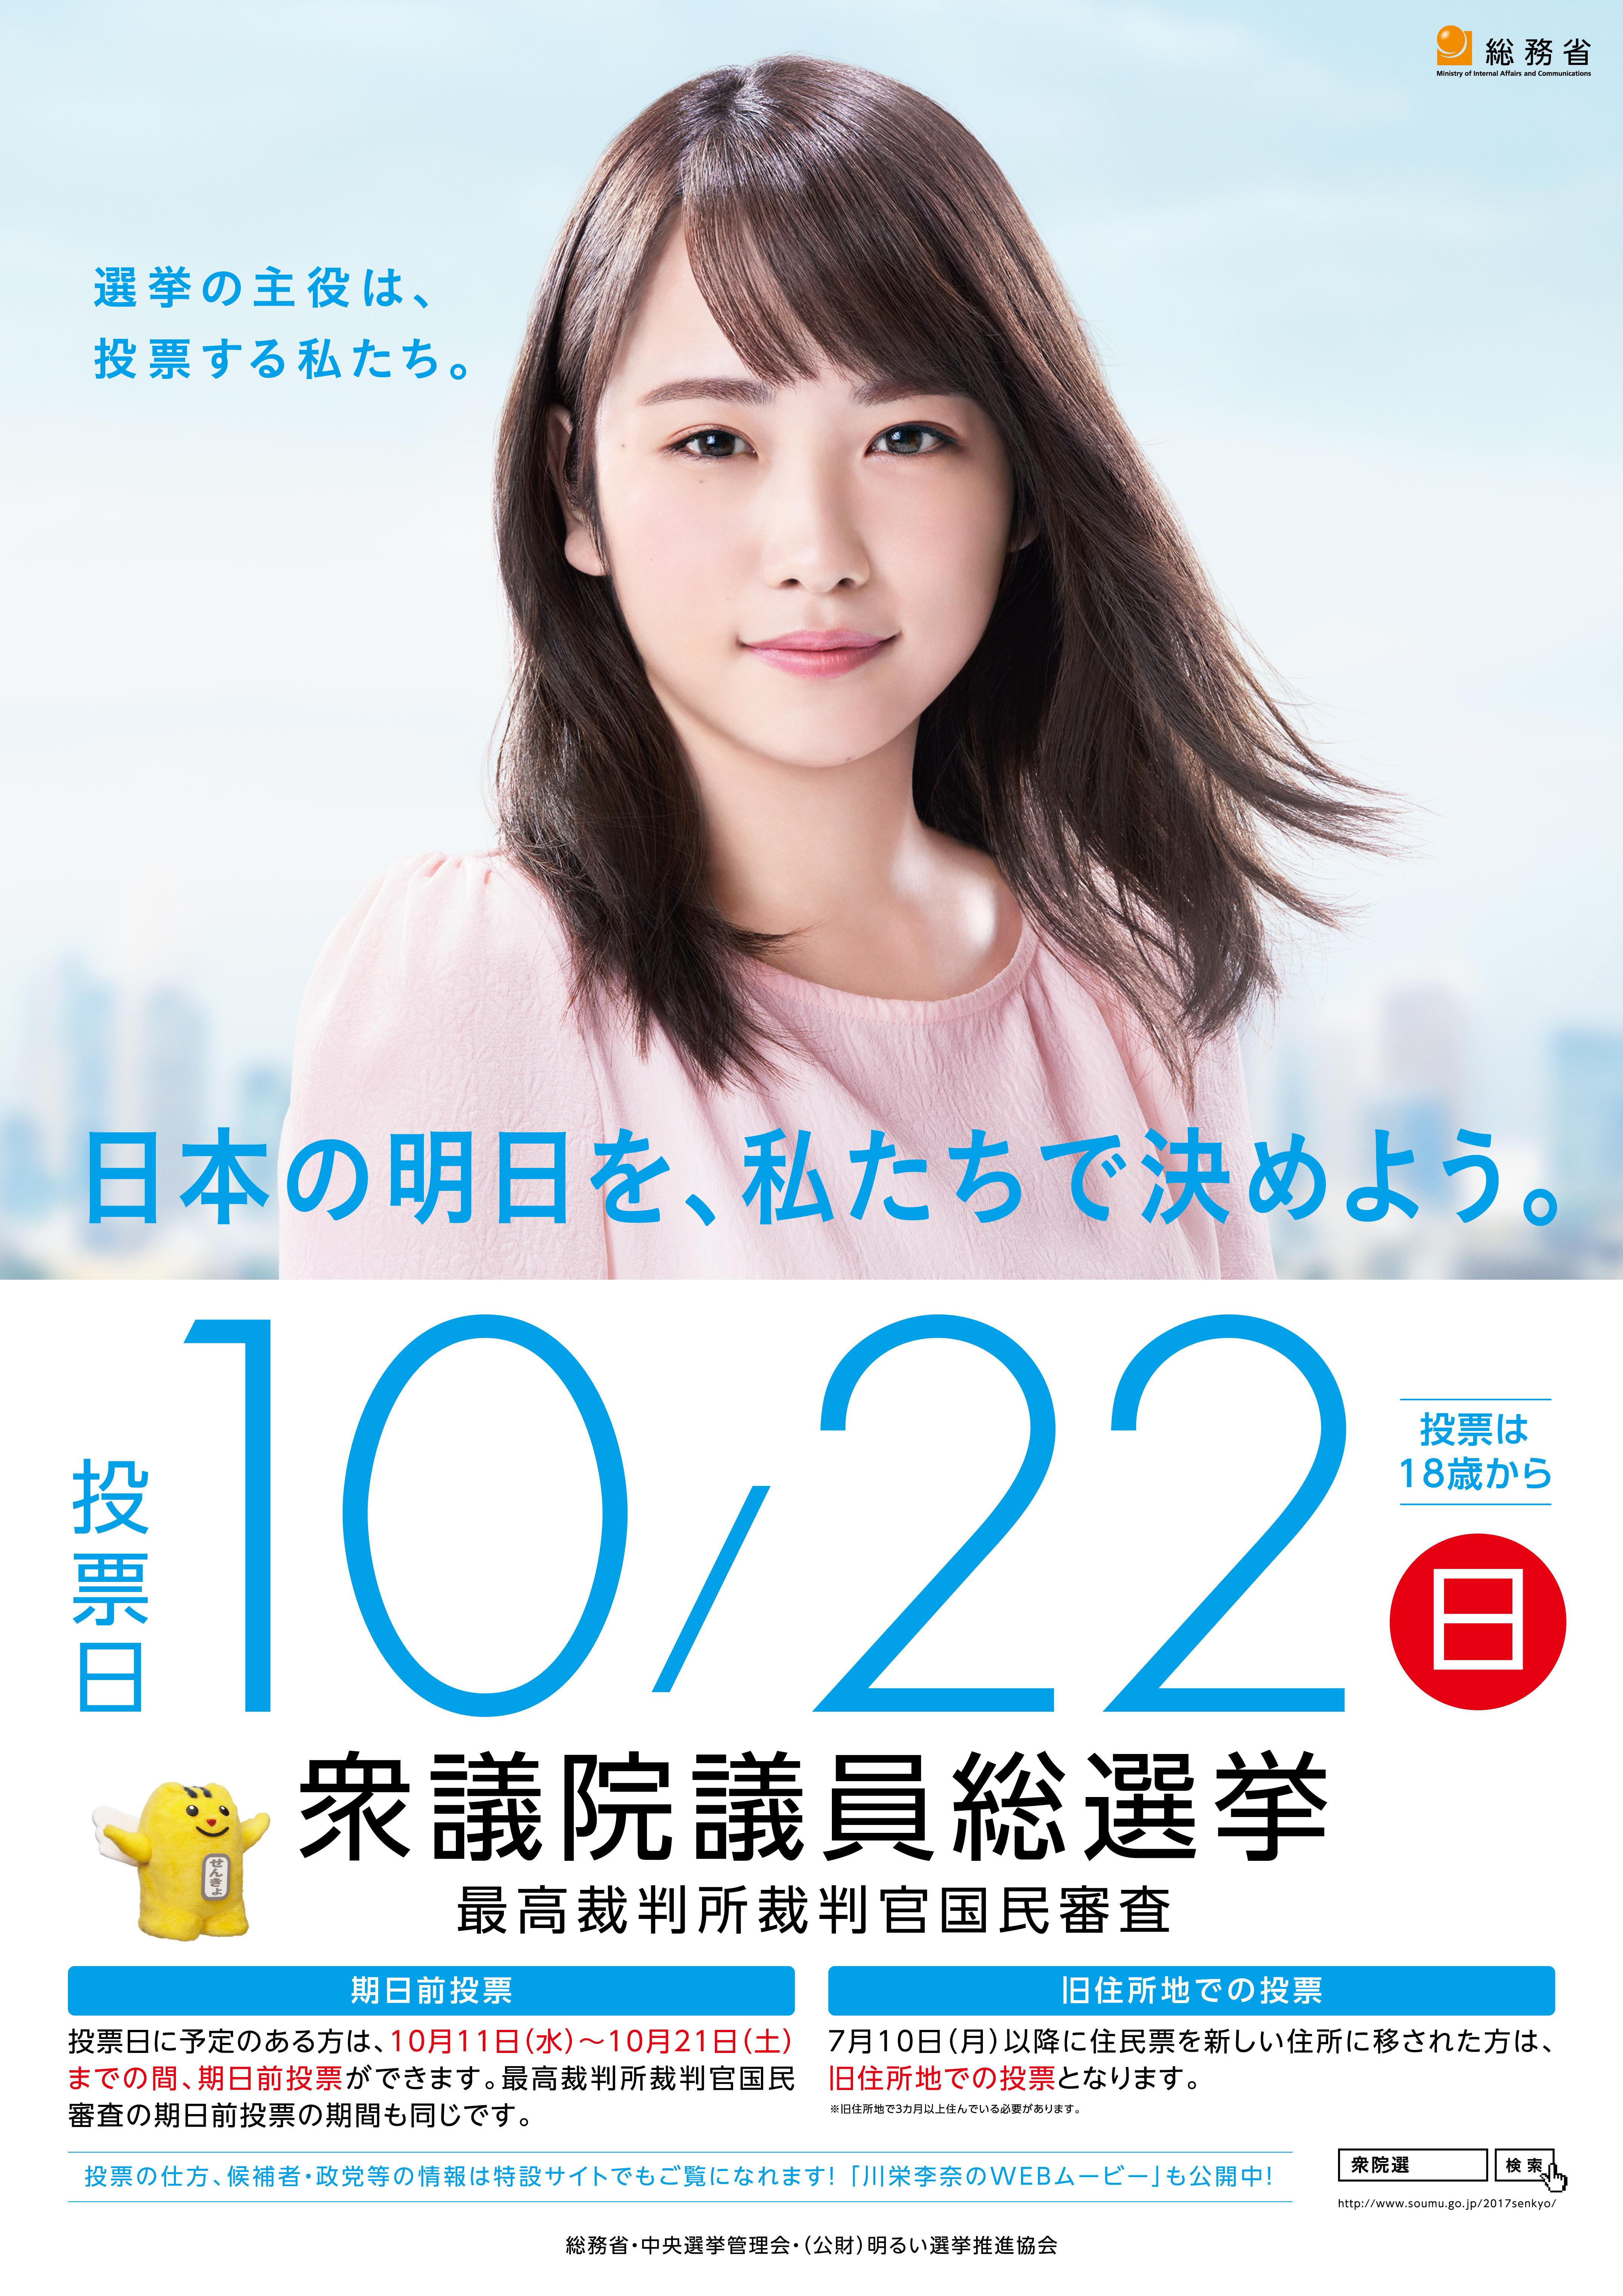 衆議院選挙のポスターに川栄李奈wwwwwwww